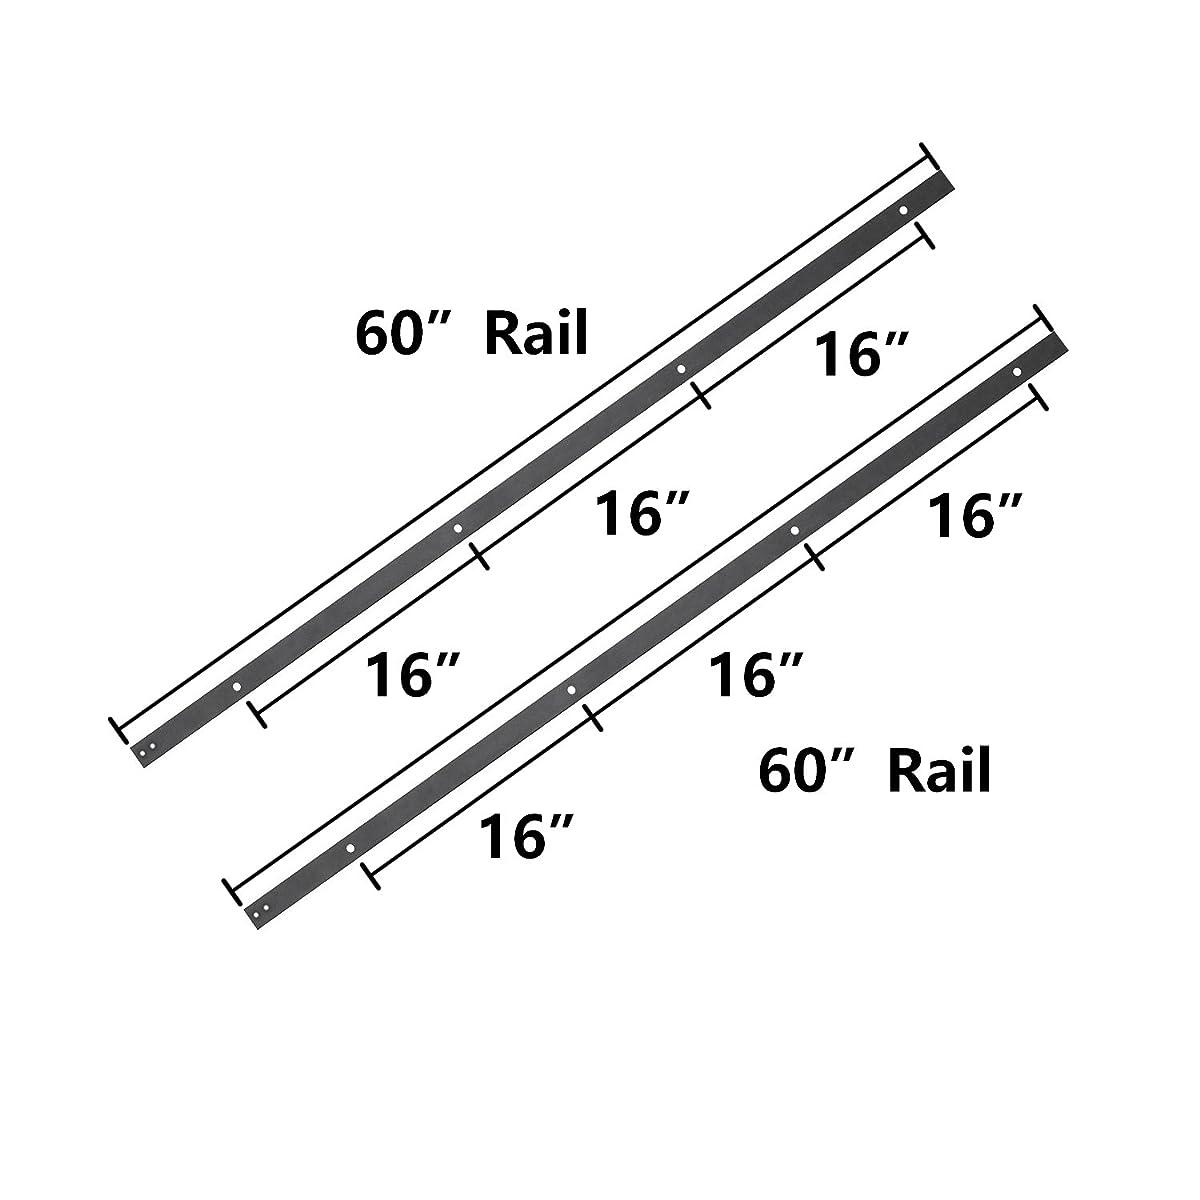 SMARTSTANDARD 10ft Double door Sliding Barn Door Hardware (Black) (I Shape Hangers) (2 x5 foot Rail)